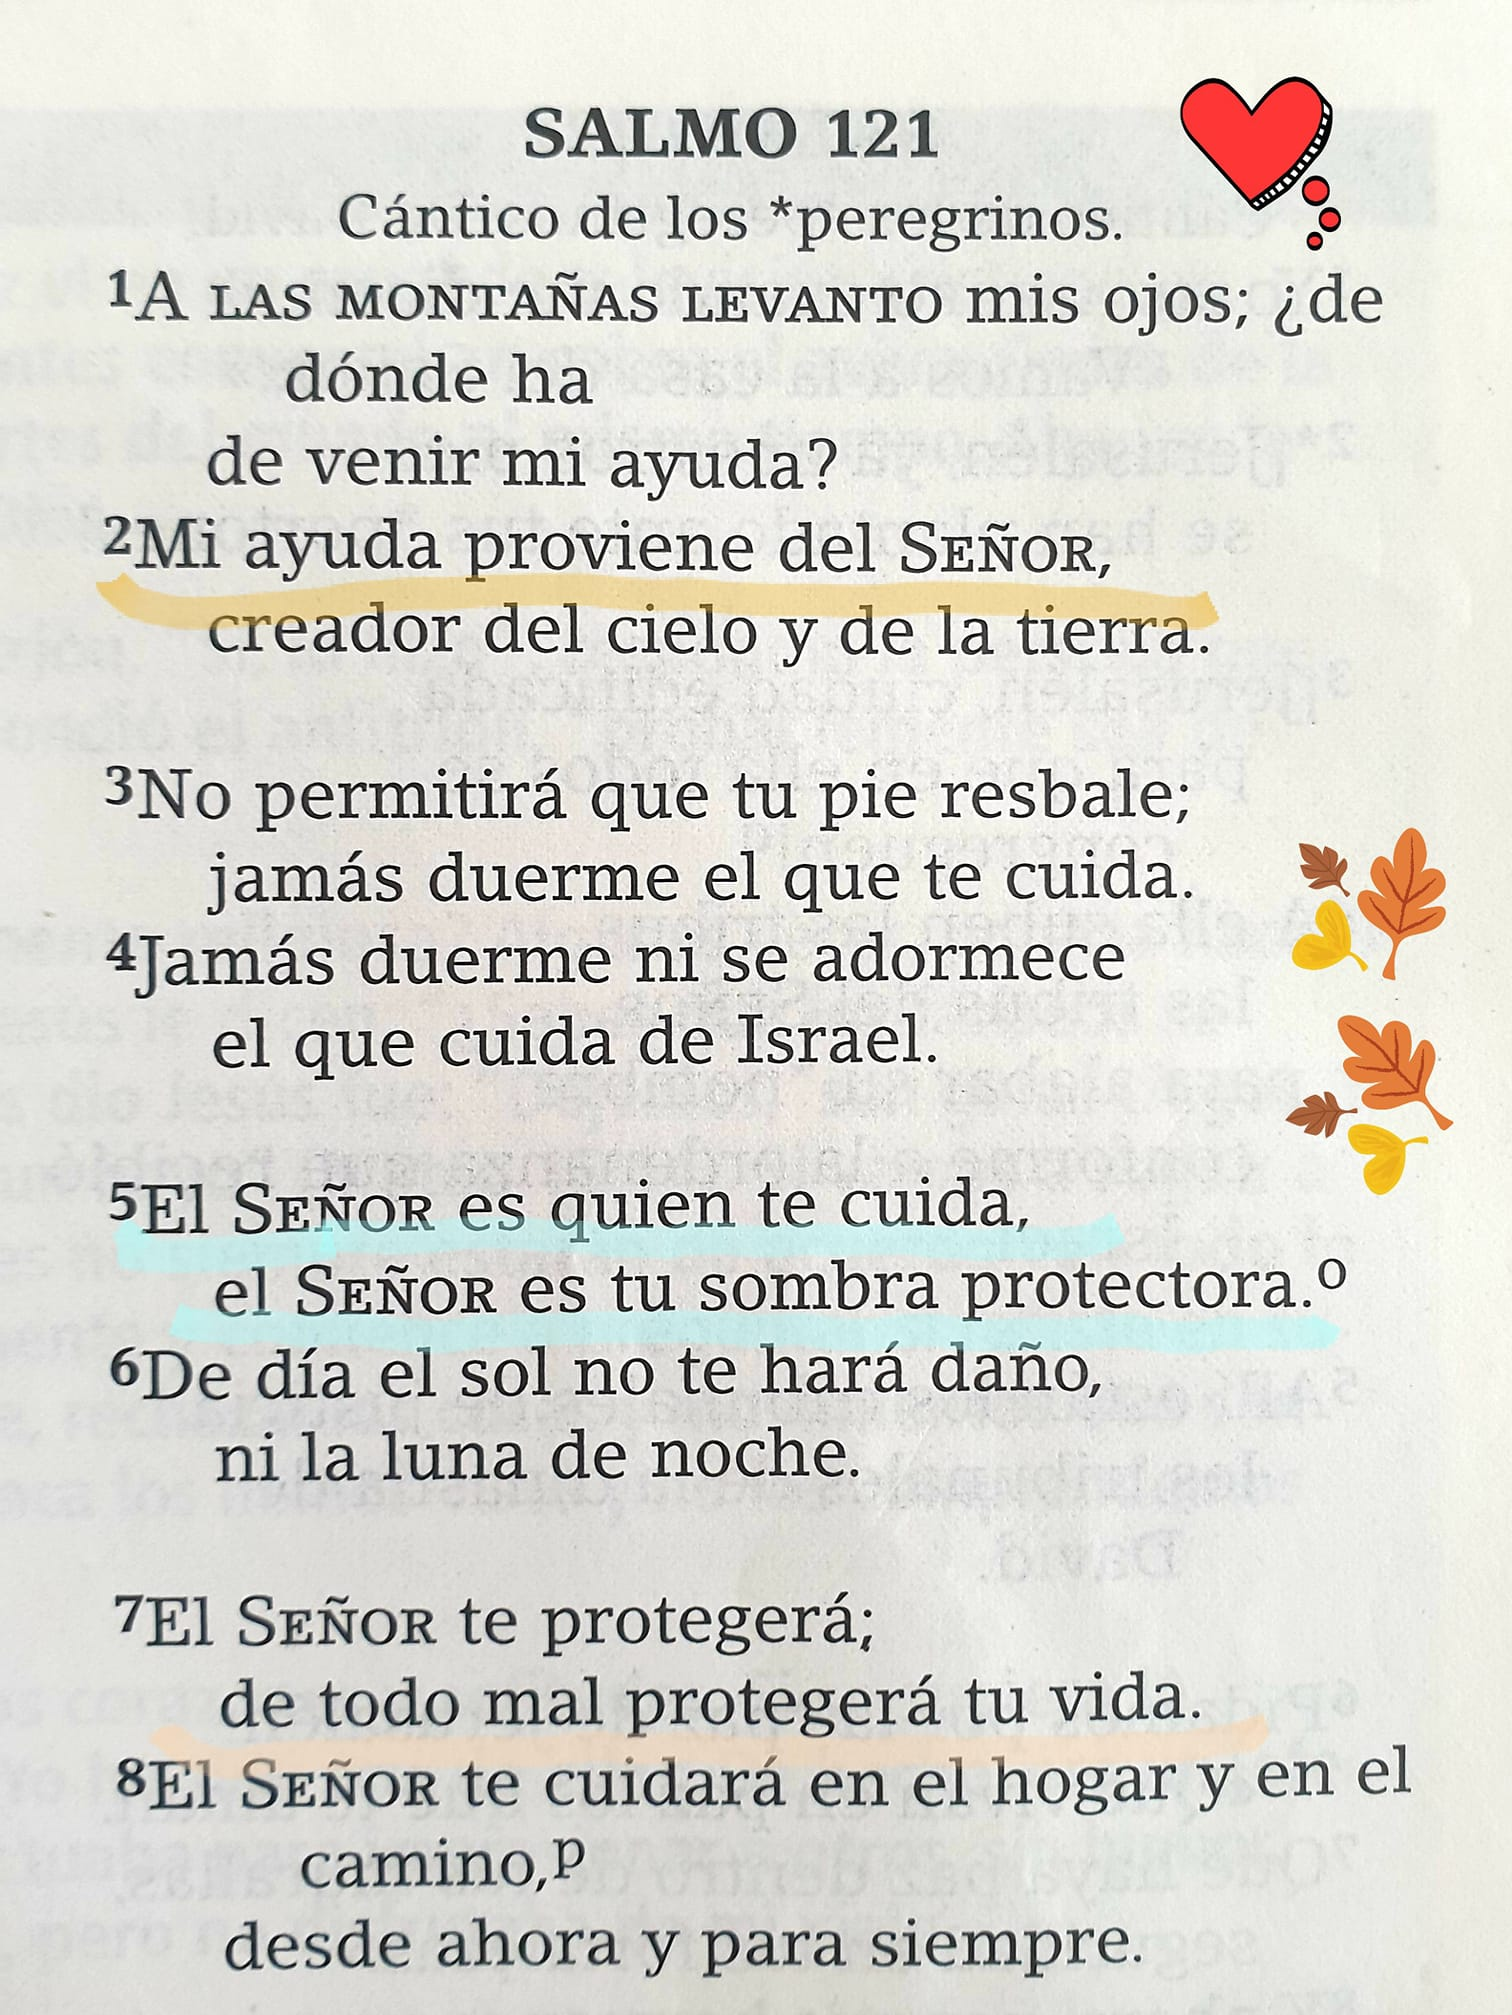 Salmo 121 Cantico de los peregrinos